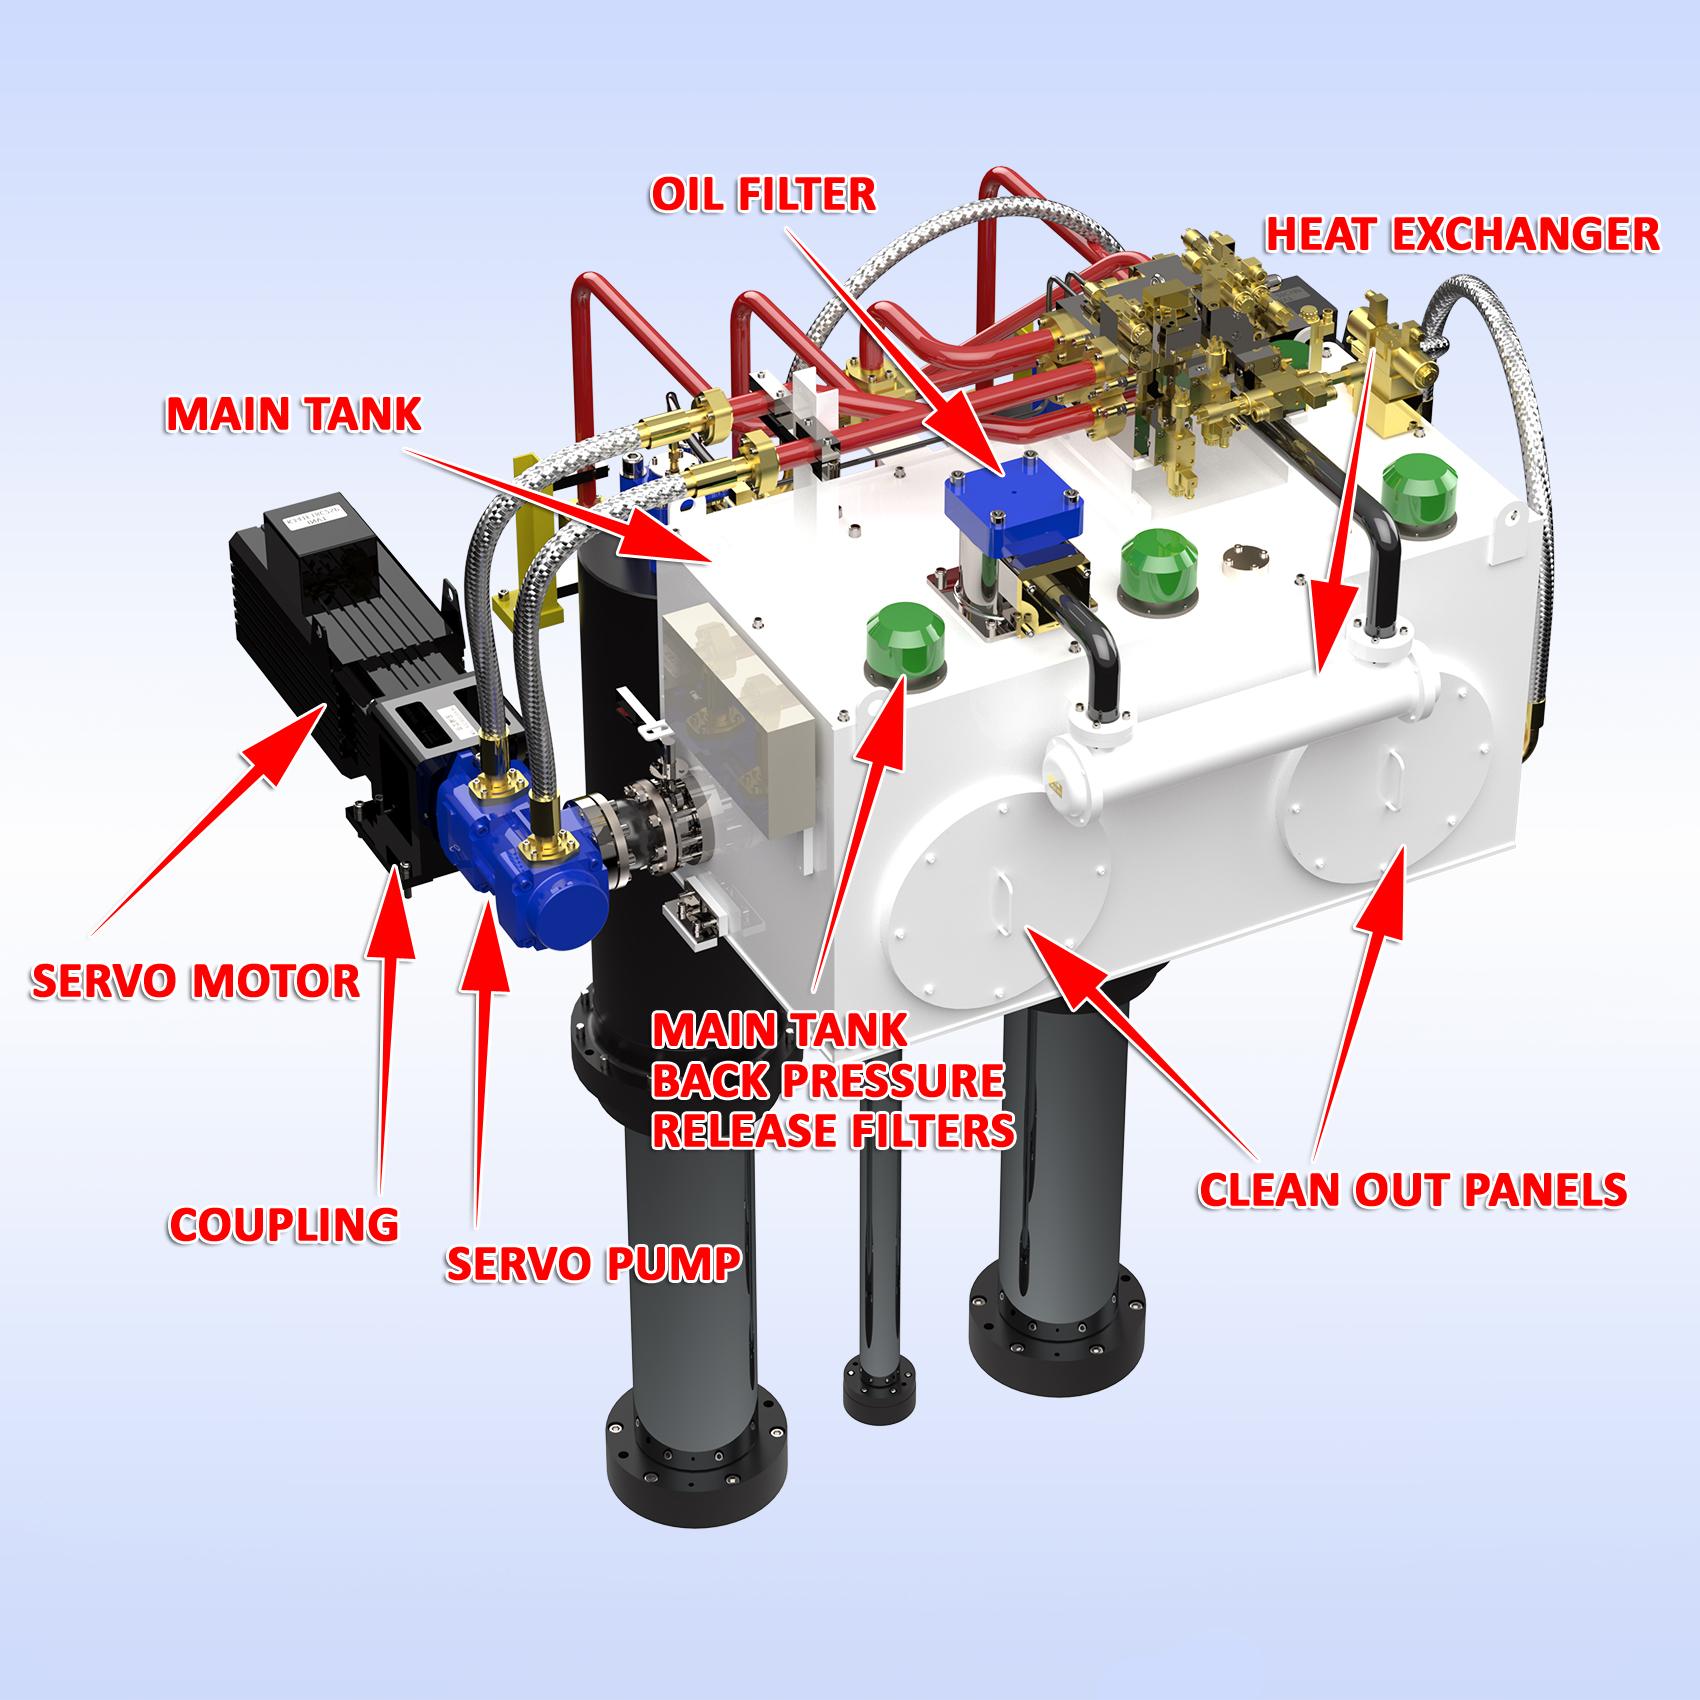 Sample fluid management system